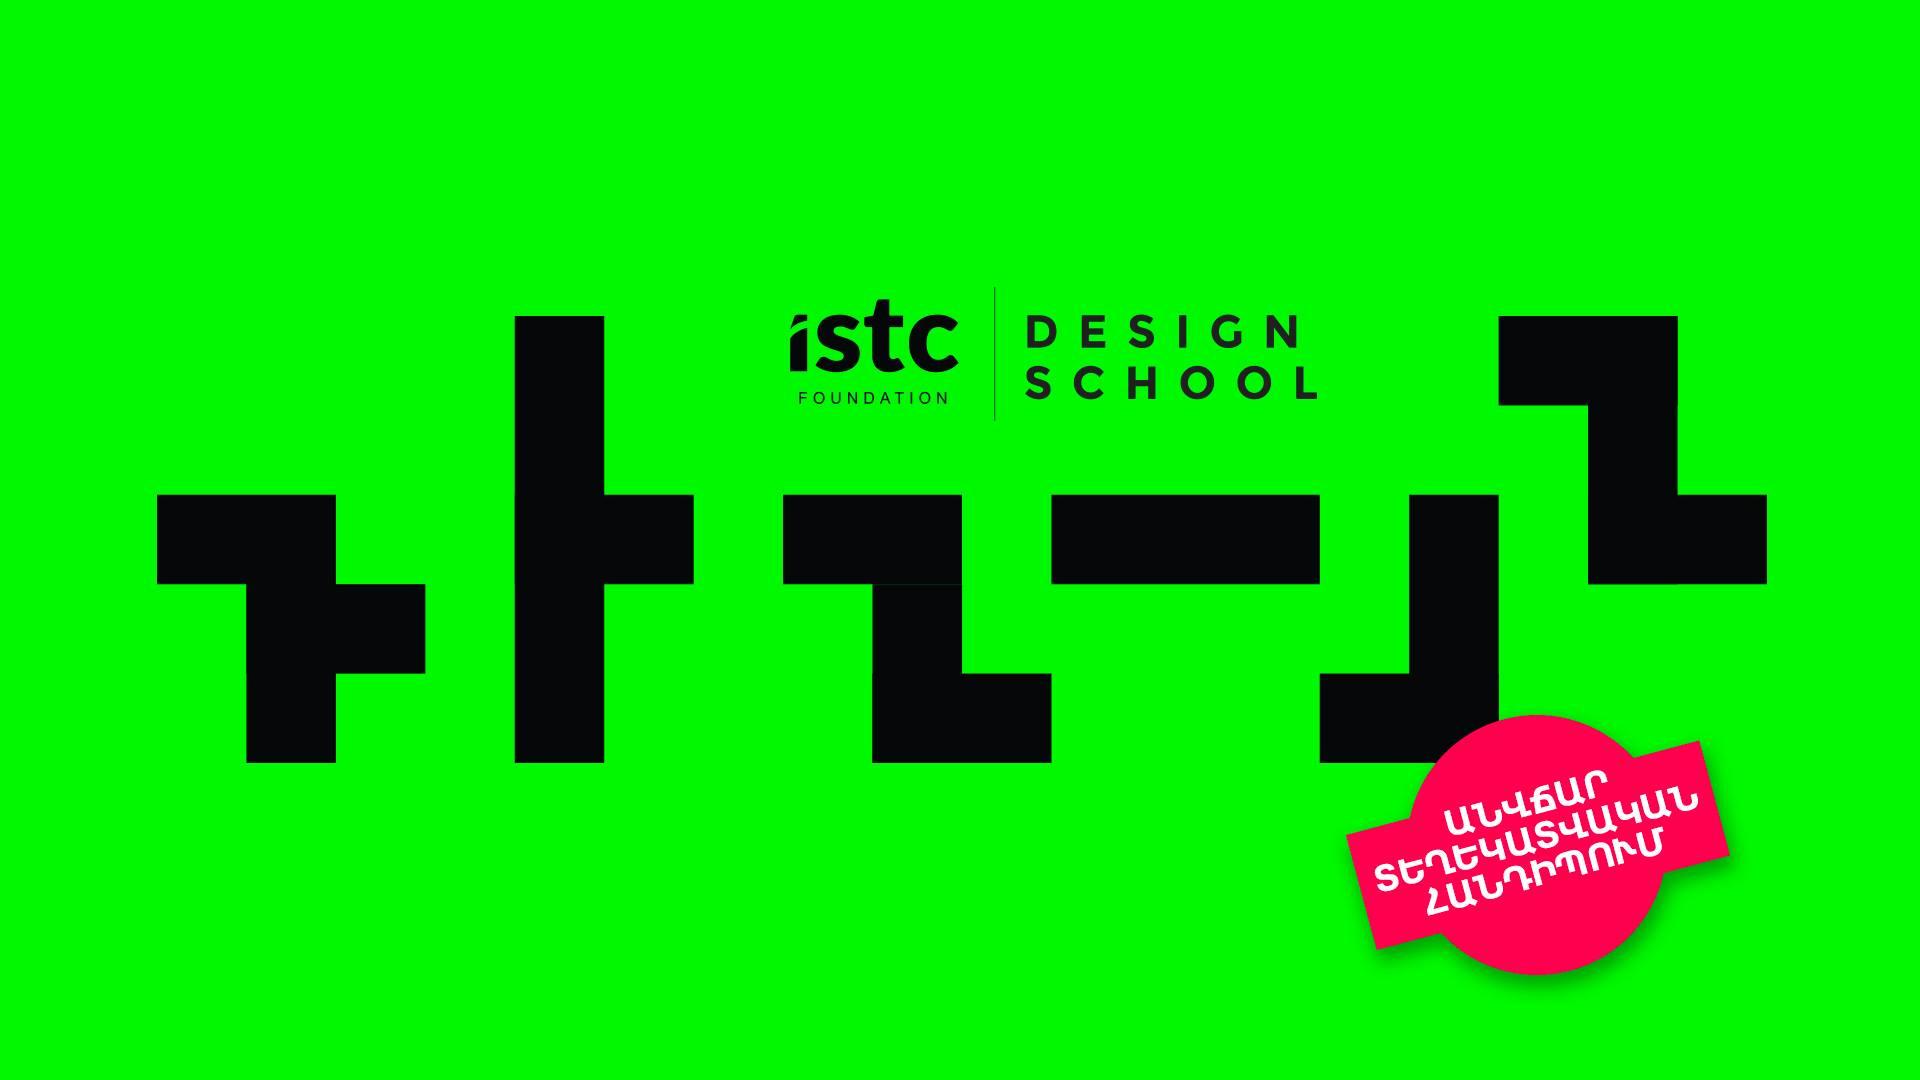 ISTC-ում տեղի կունենա դիզայնի դասընթացի տղեկատվական հանդիպումը